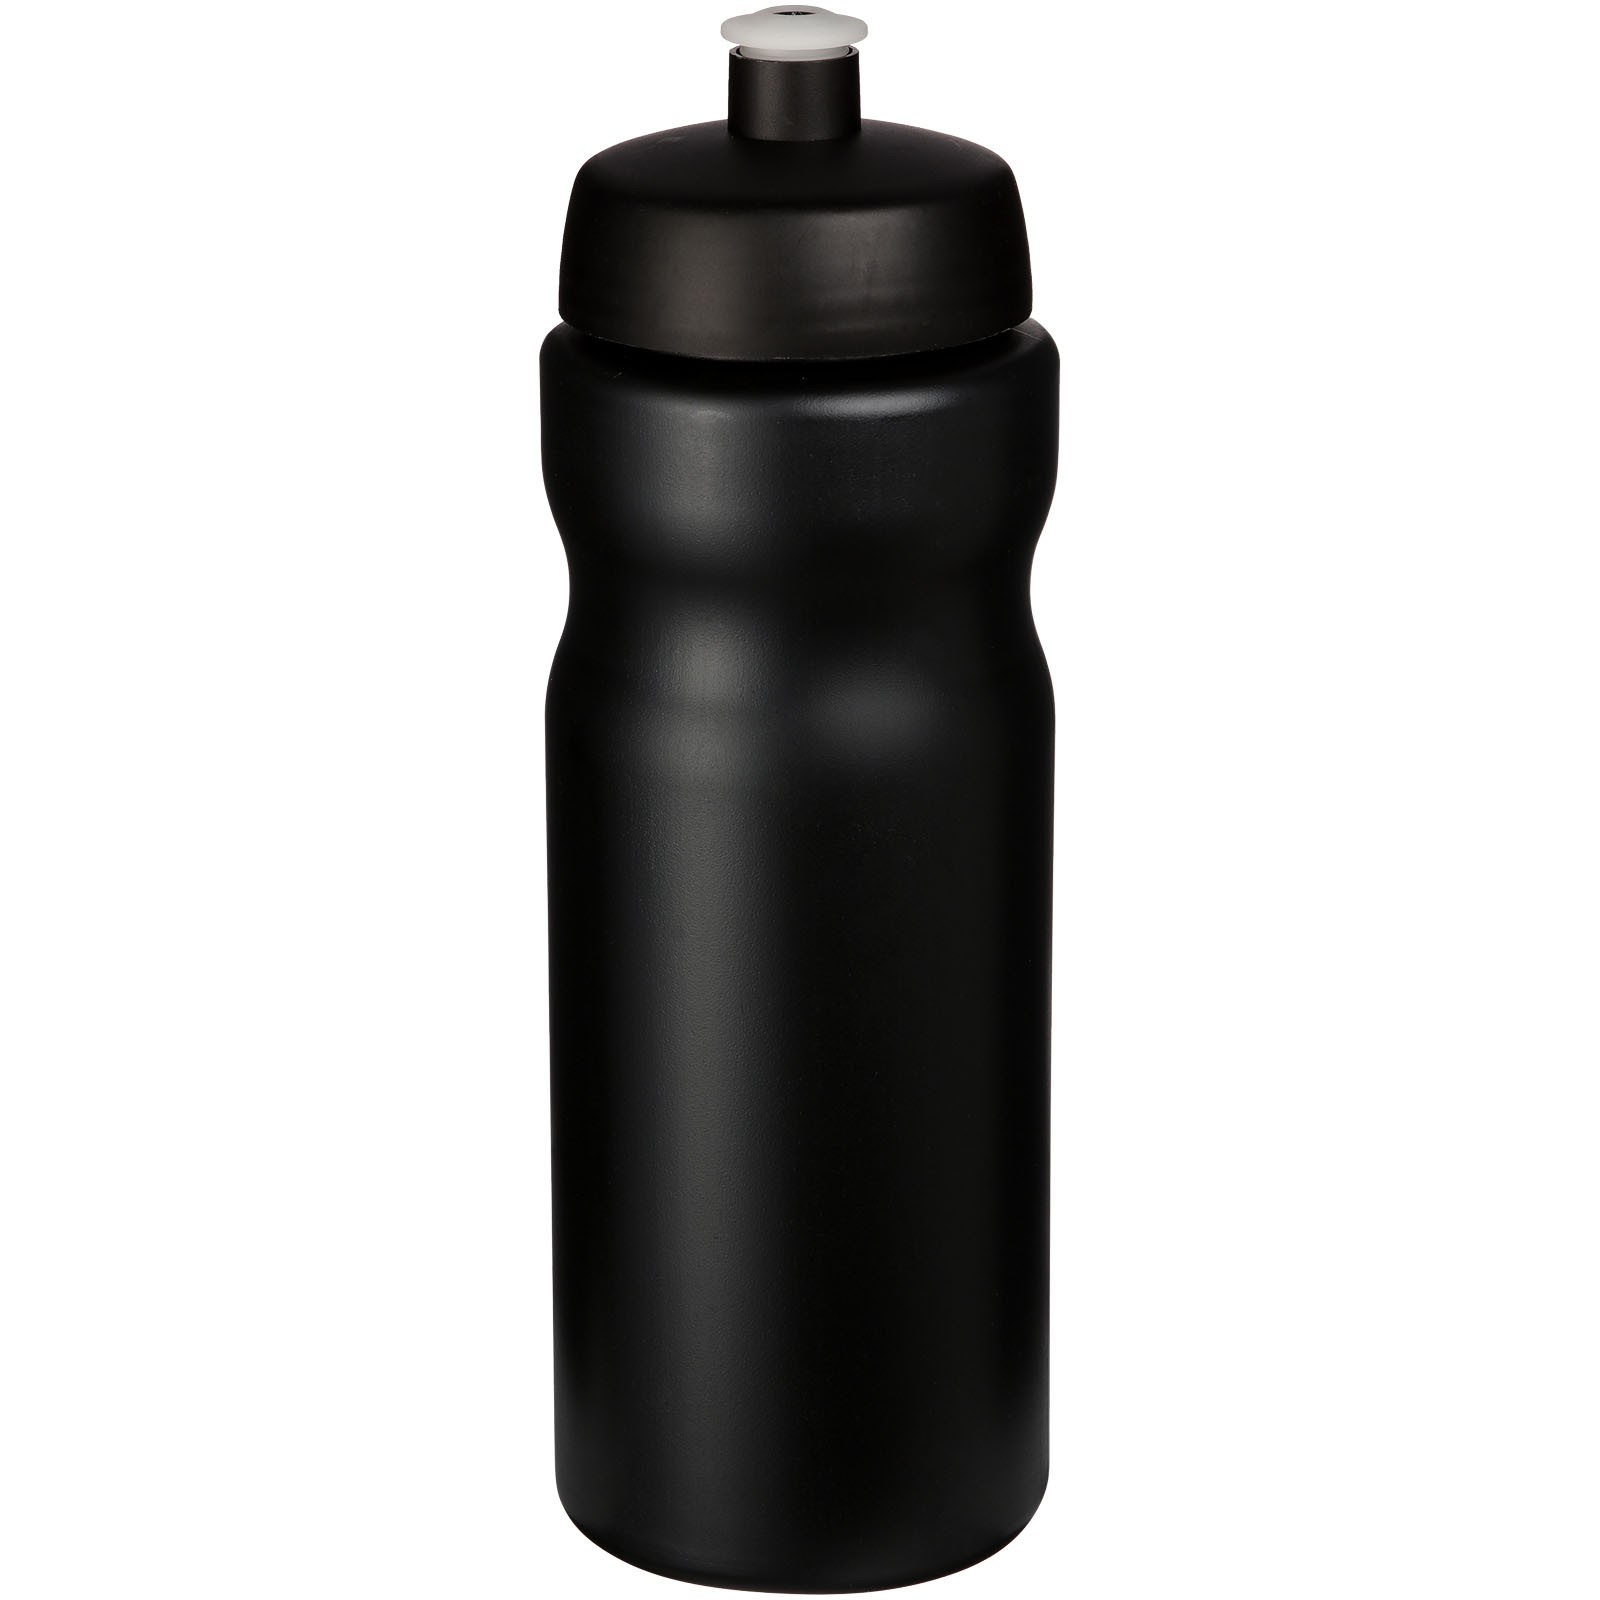 Baseline® Plus 650 ml sport bottle - Solid black